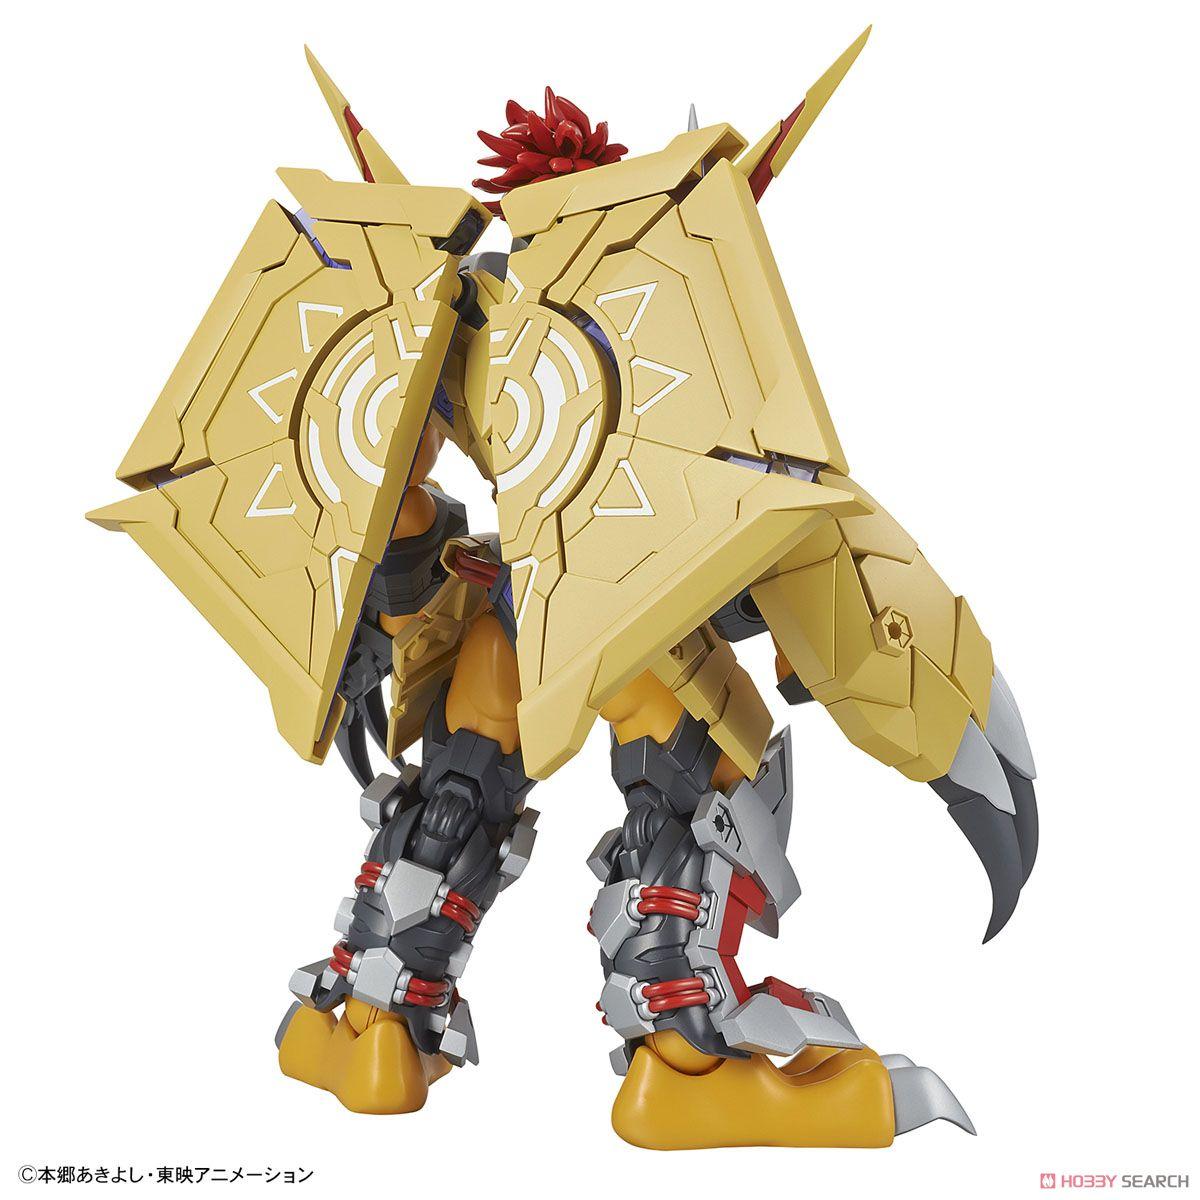 【再販】Figure-rise Standard『メタルガルルモン(AMPLIFIED)』デジモンアドベンチャー プラモデル-005